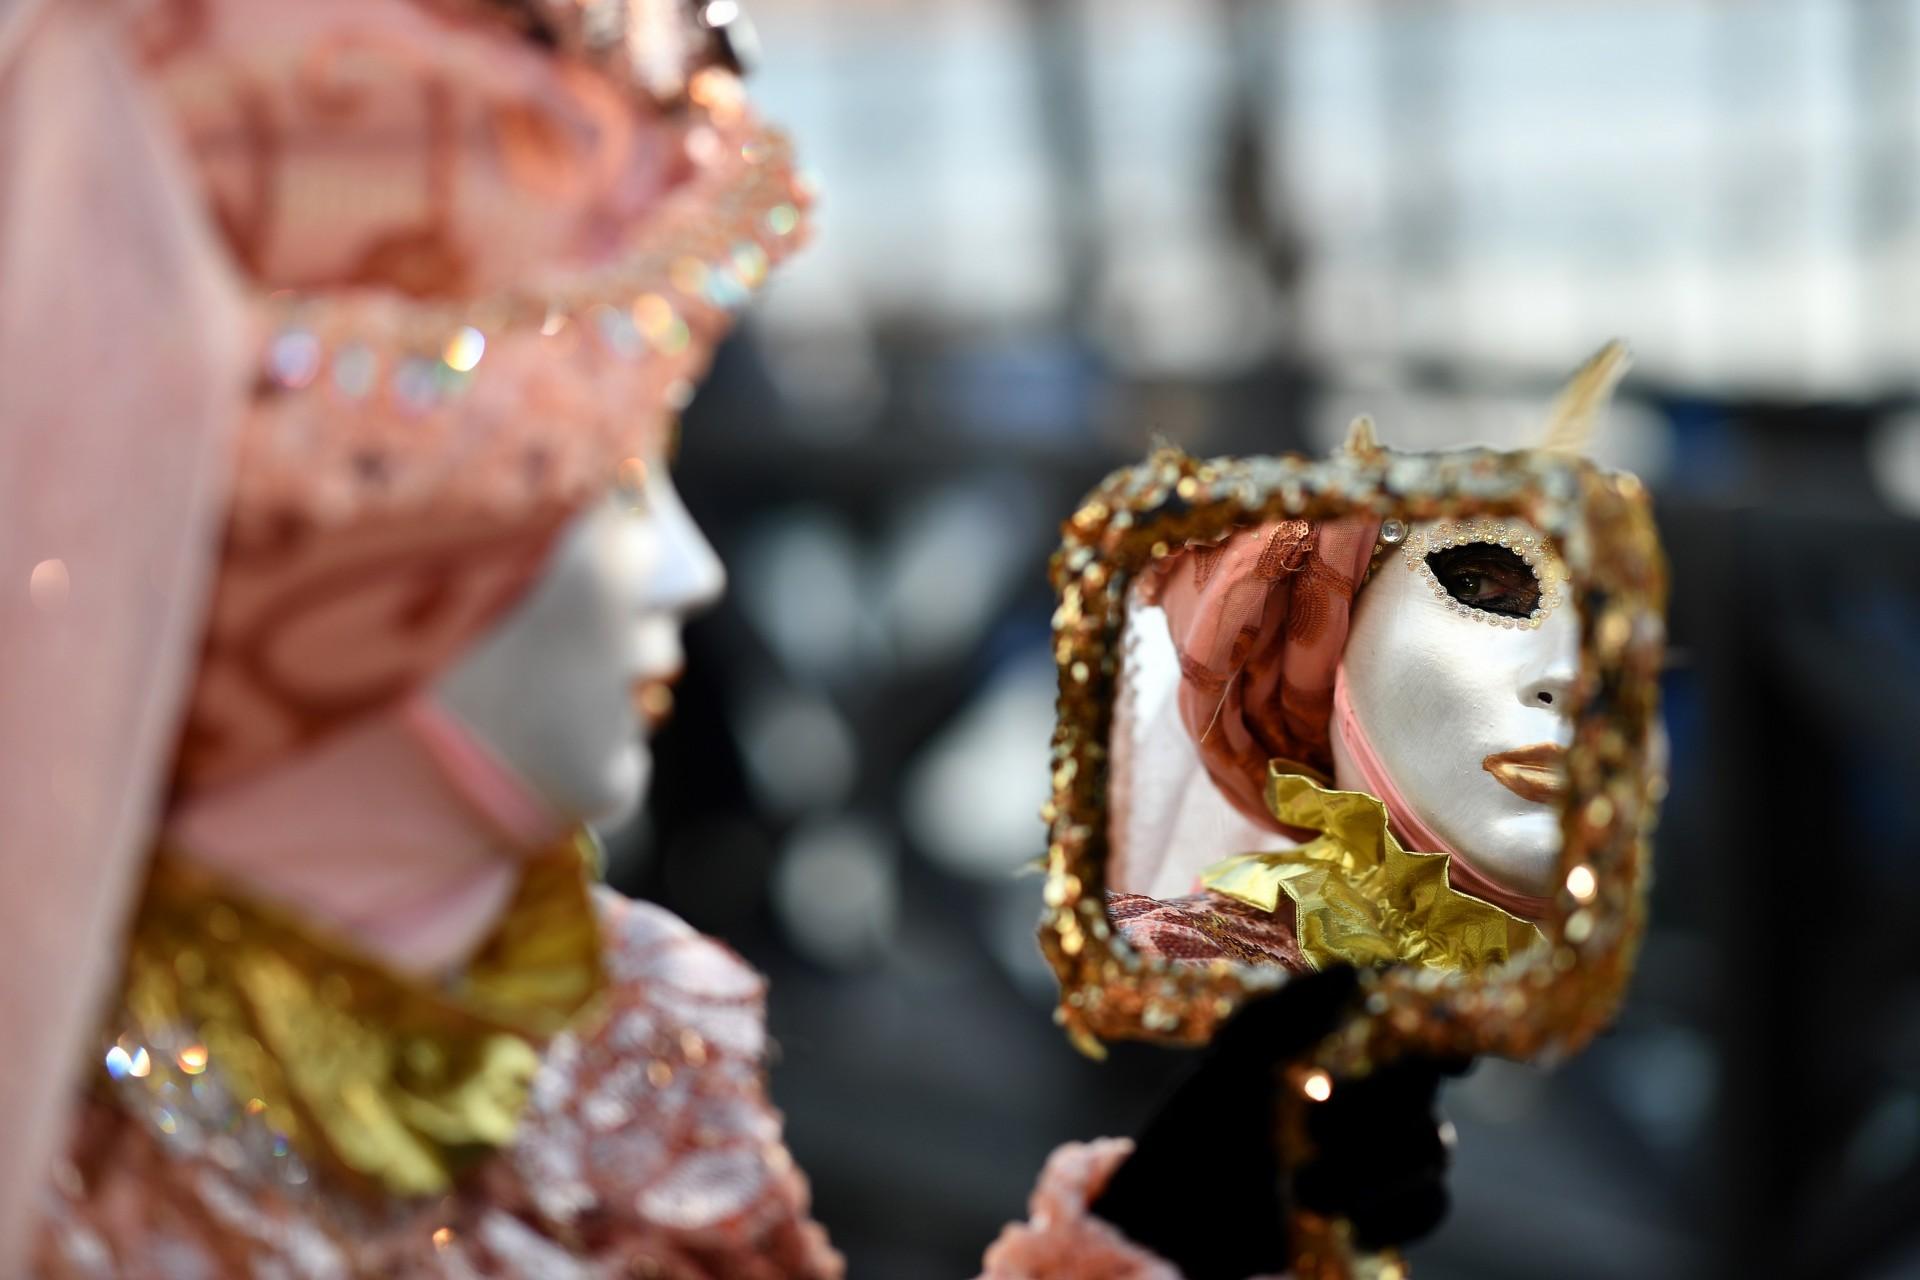 Unparticipantecon una máscara y un traje de época participa en el Carnaval de Venecia el 23 de febrero de 2019 en Venecia.